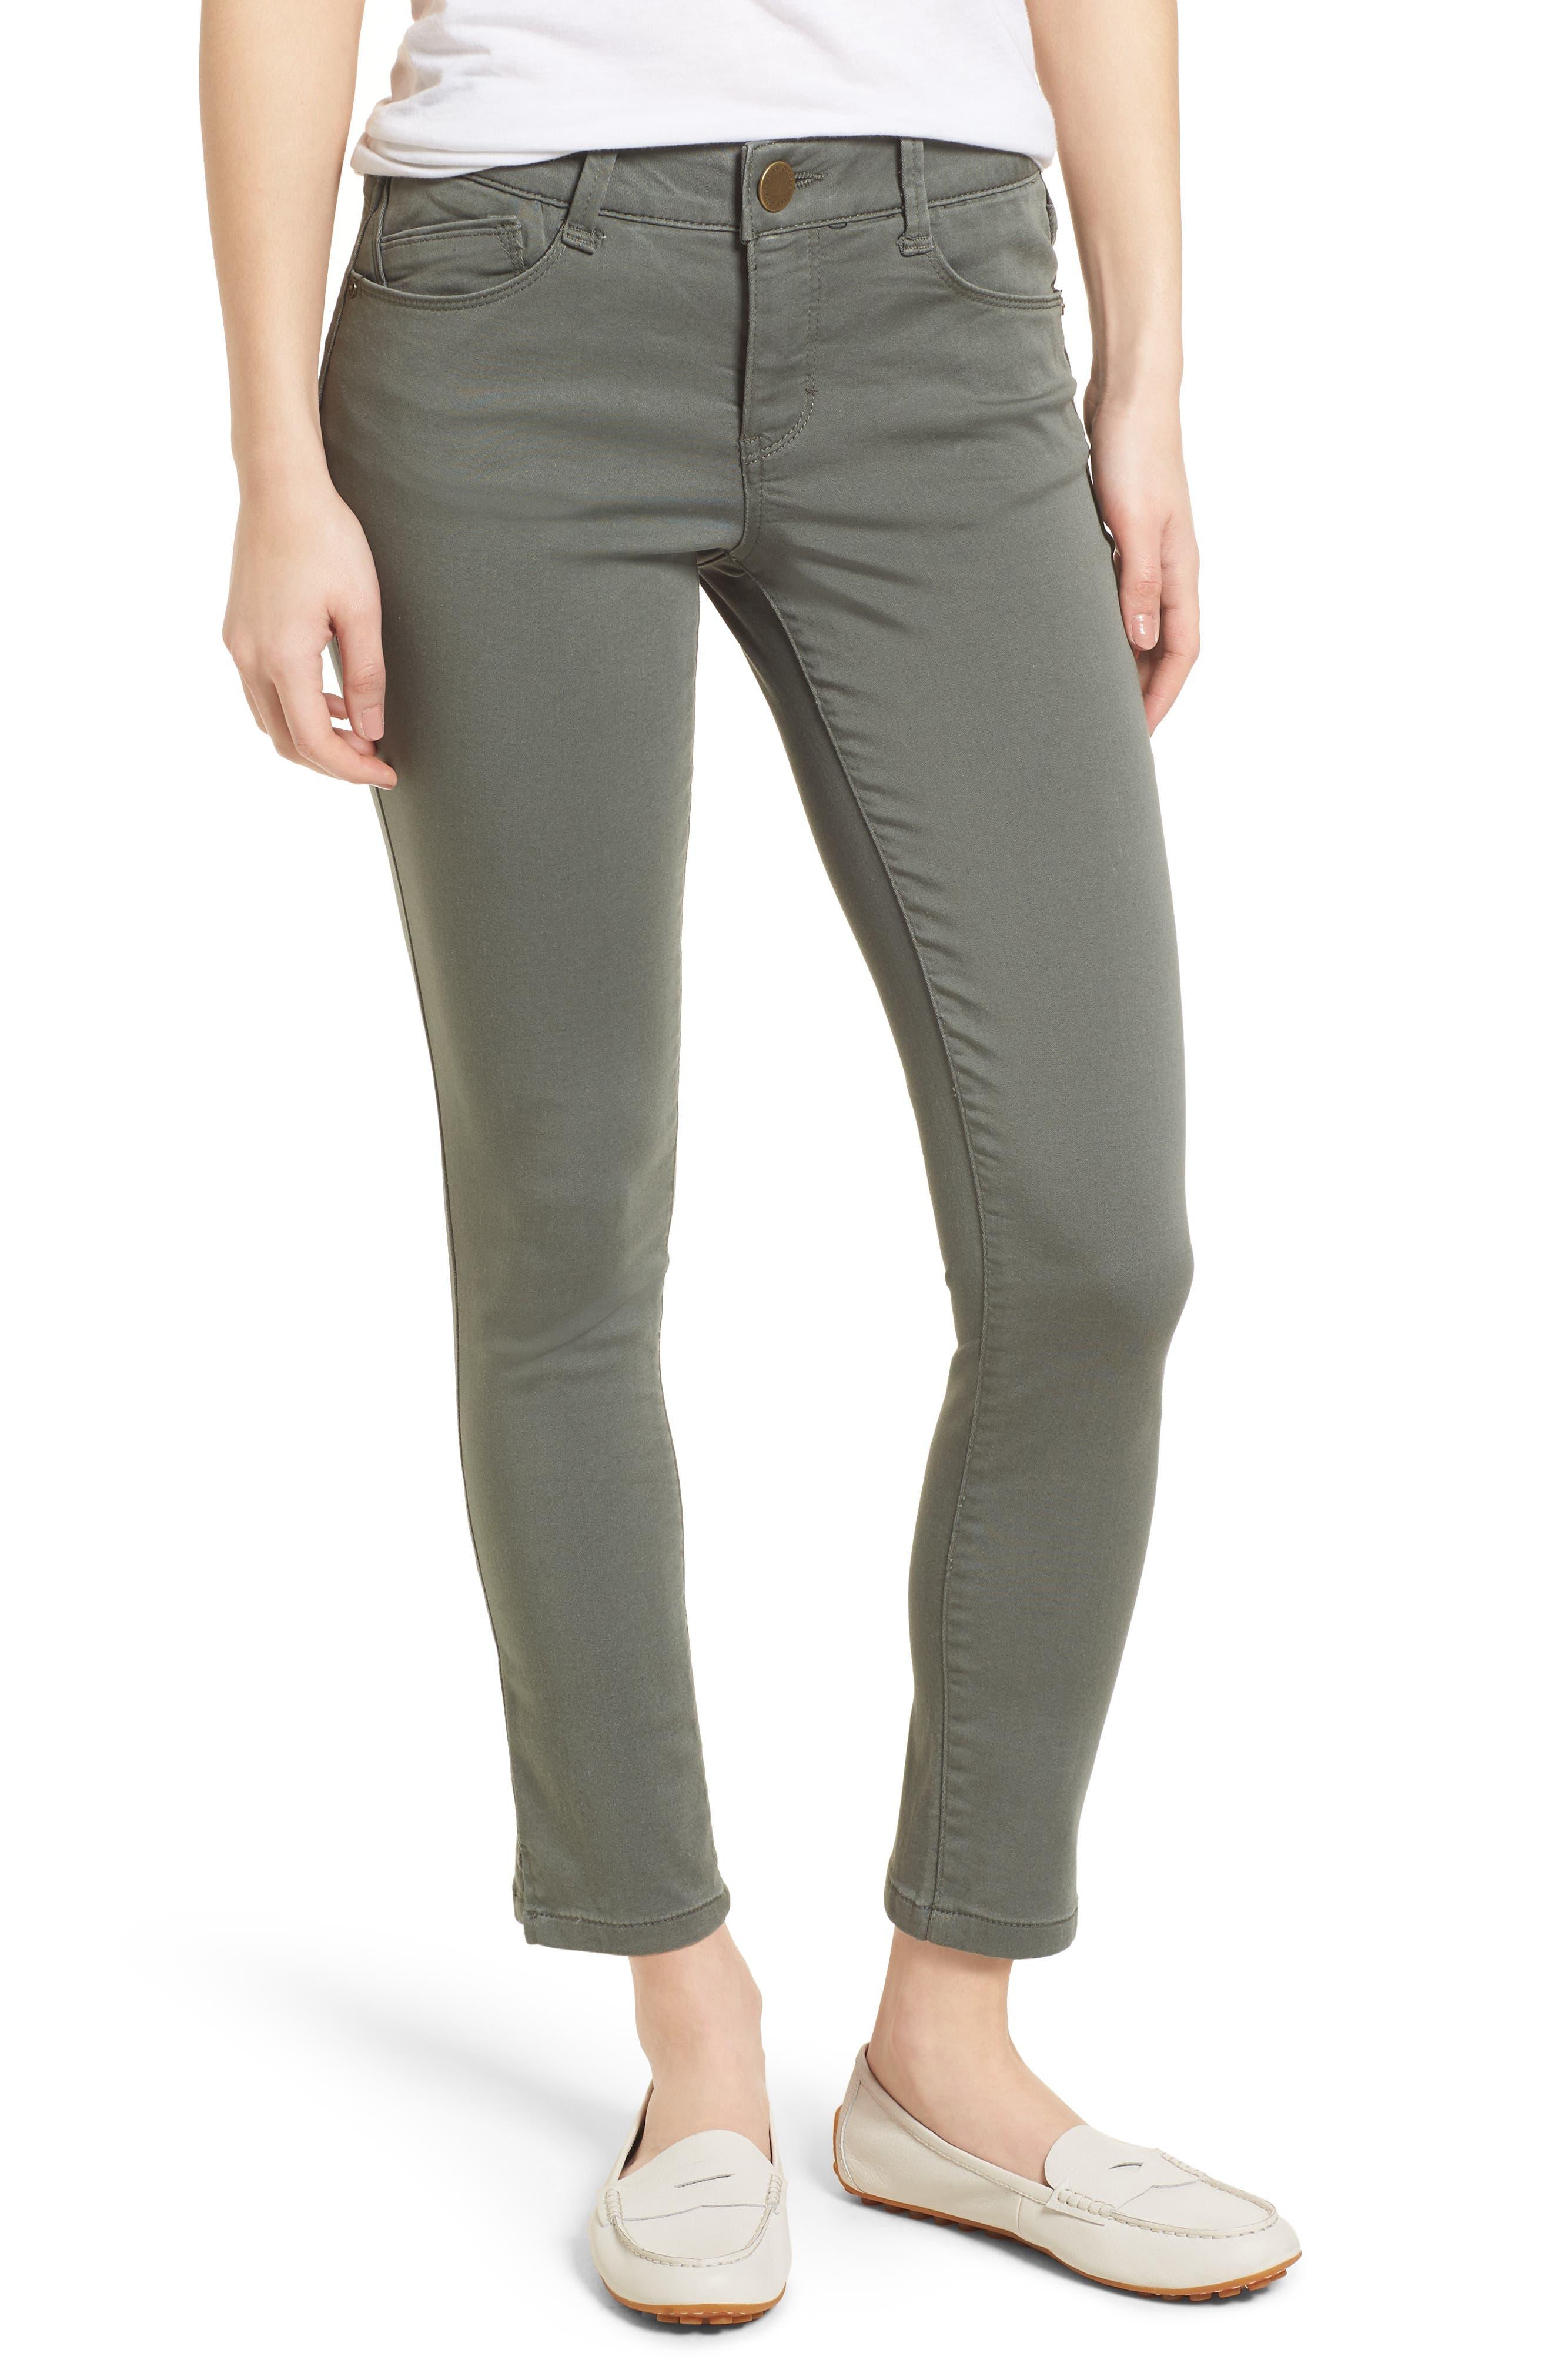 Pants for Women On Sale, White, Cotton, 2017, 24 26 28 32 34 Prada